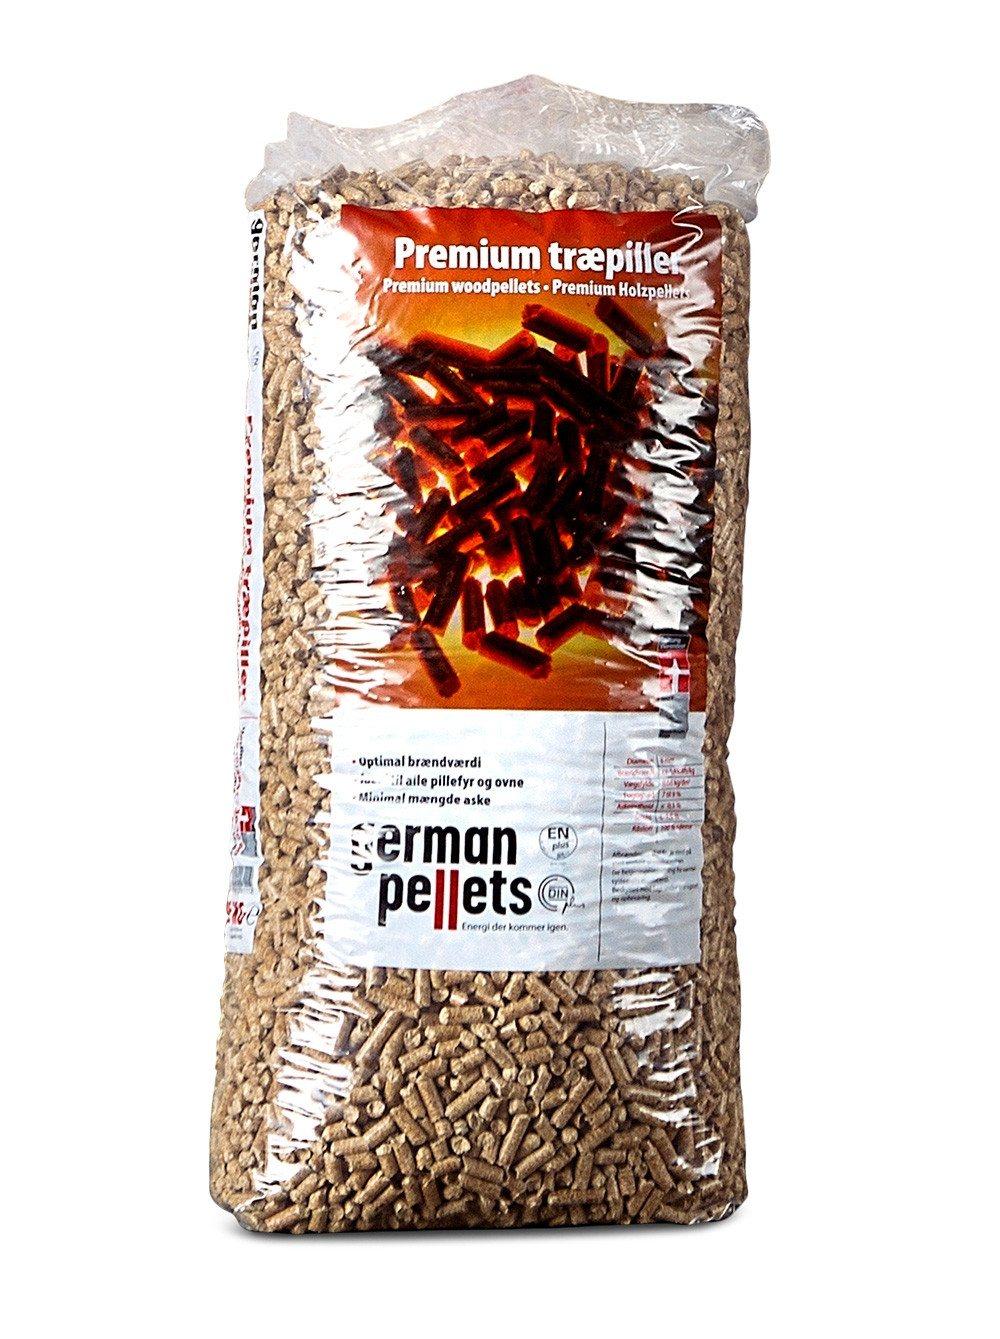 German Pellets - Premium træpiller i poser - 8 mm.